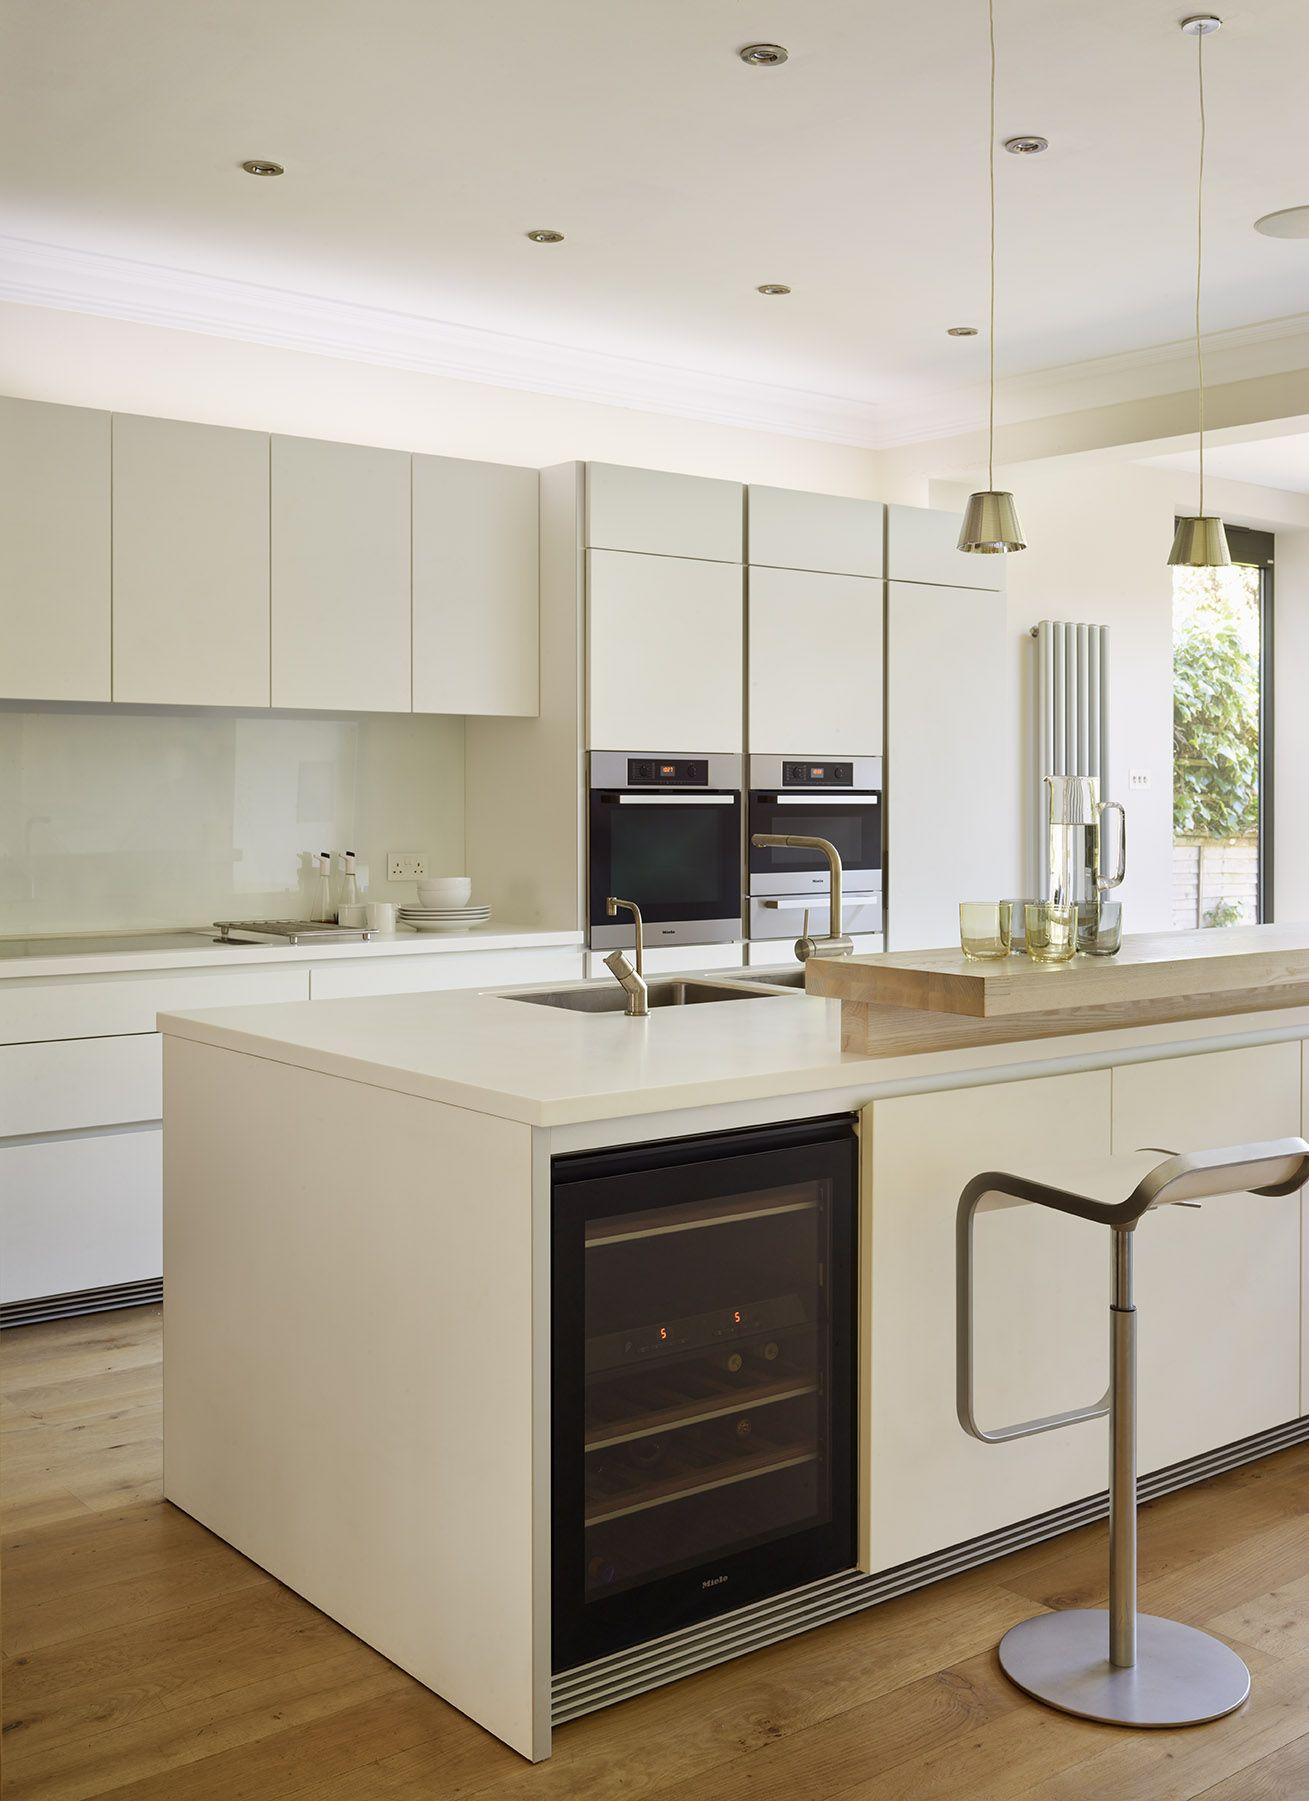 bulthaup by Kitchen Architecture #kitchens #b1 | Kök | Pinterest